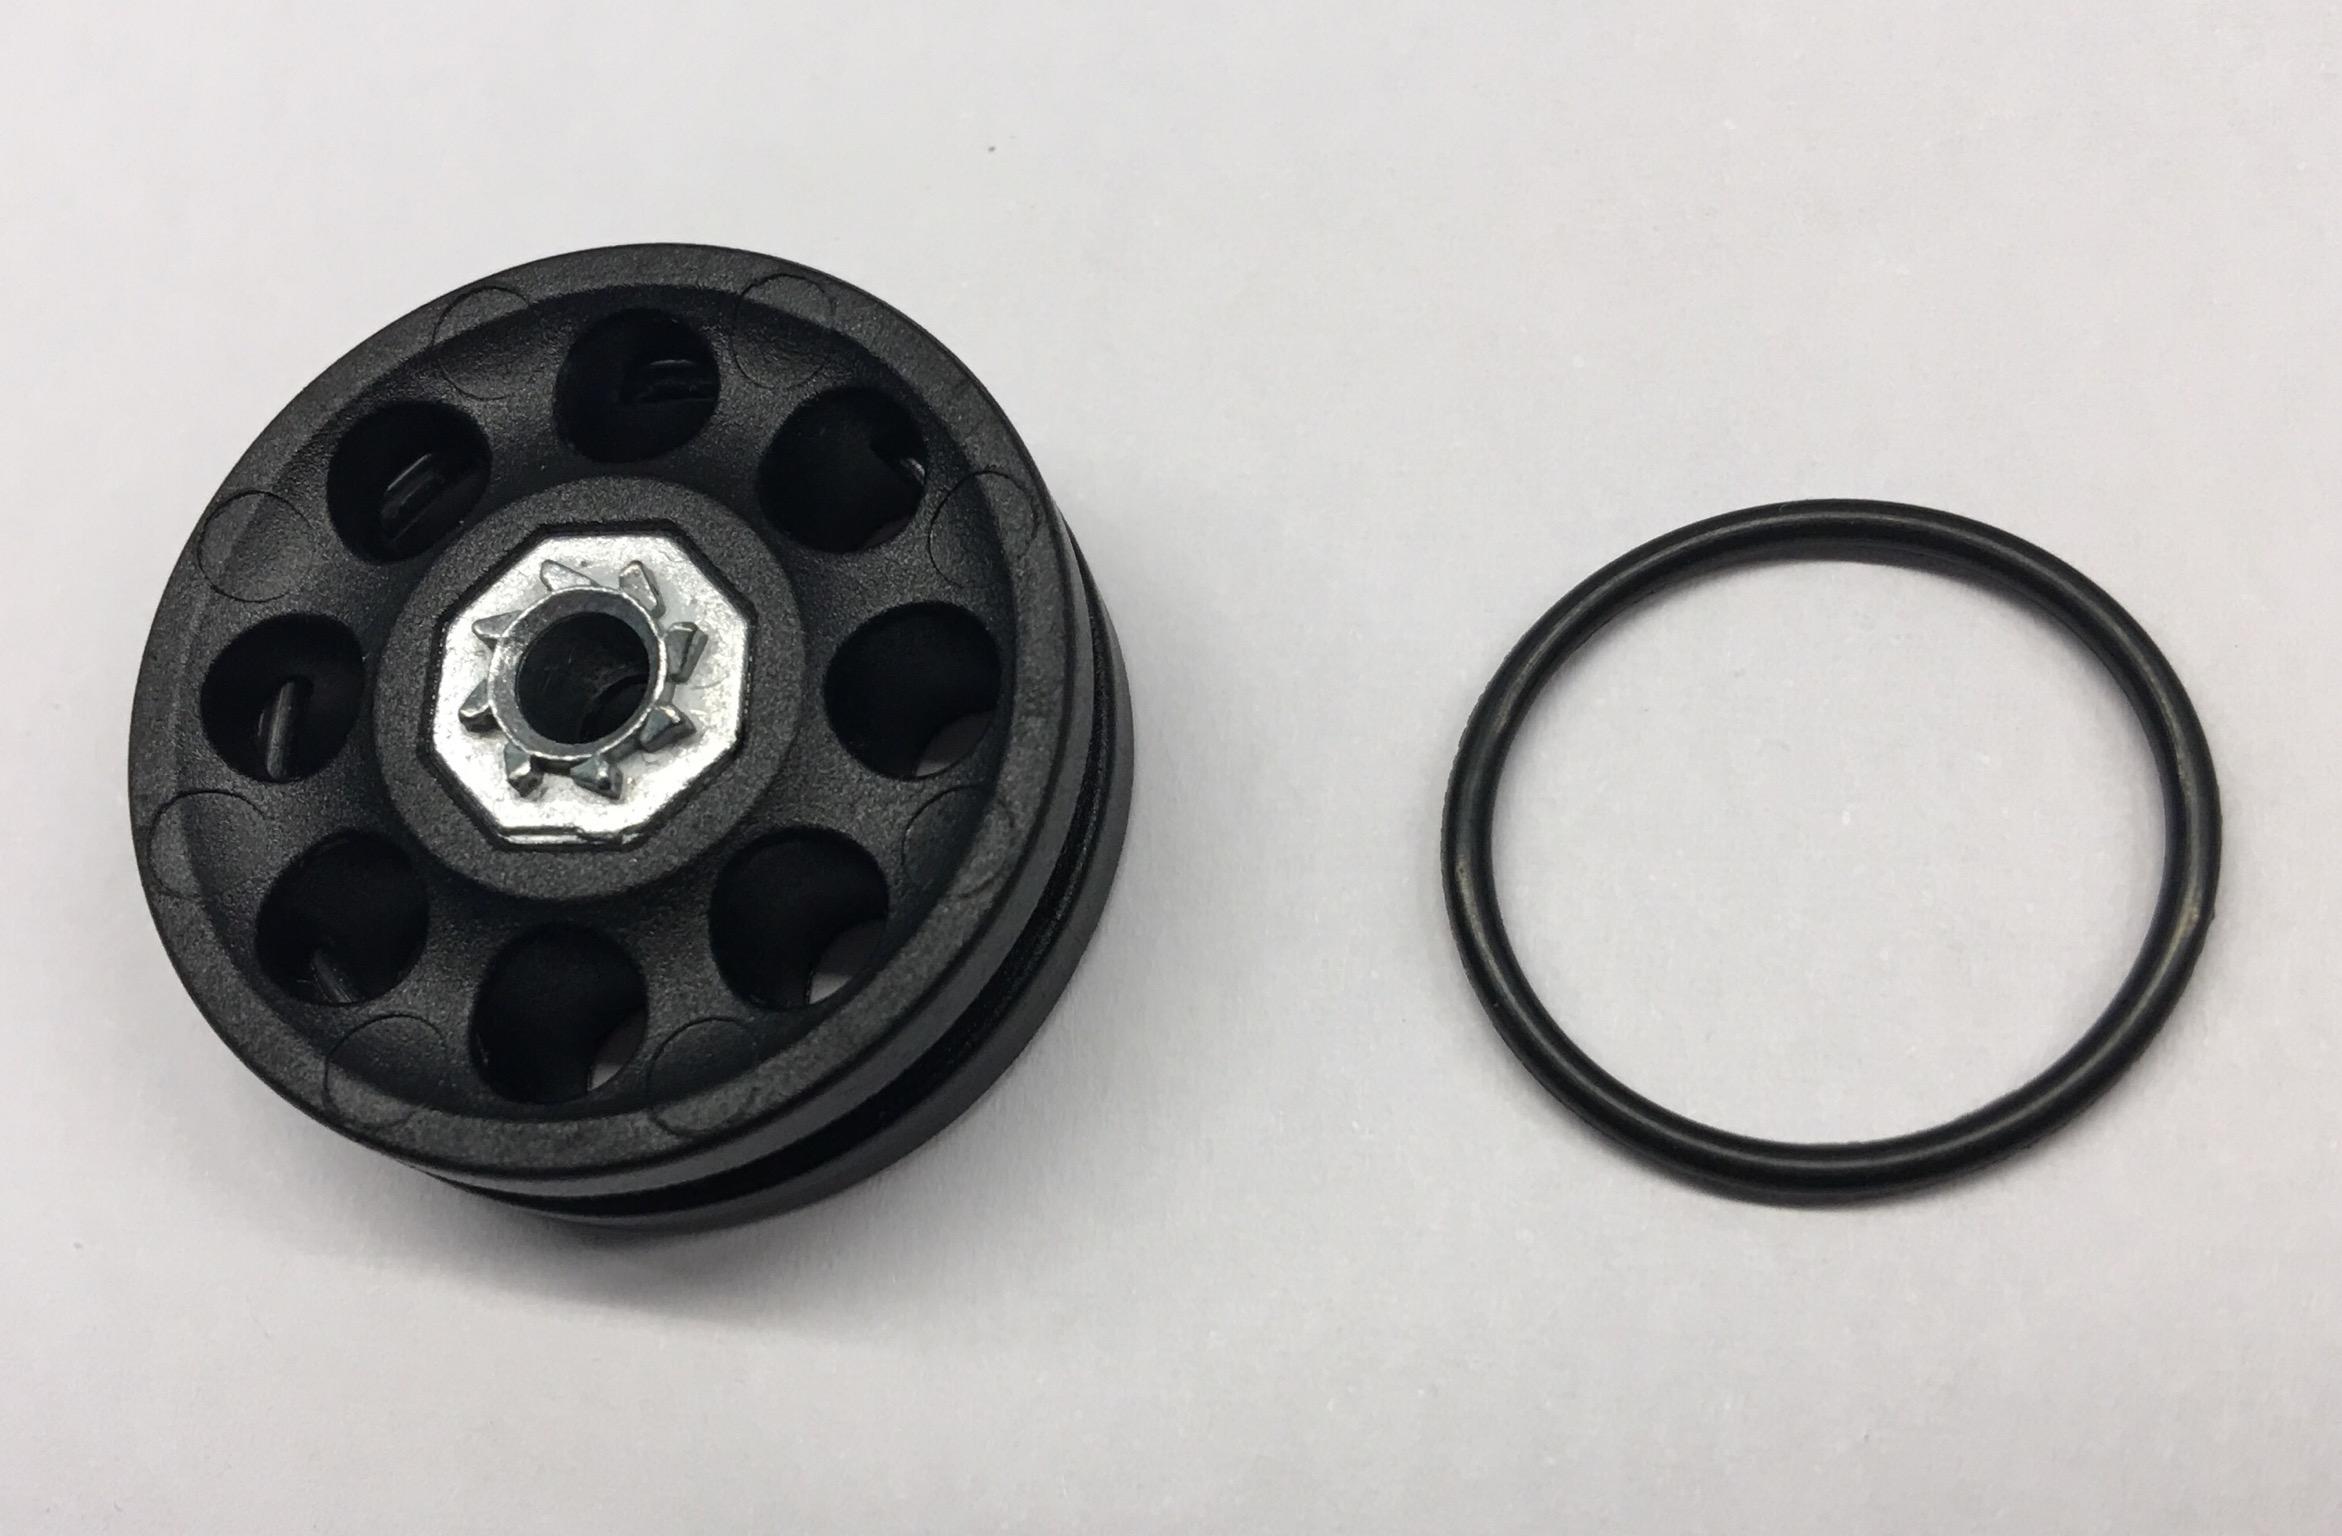 Ersatzteil, O-Ring für Magazin 850 Airmagnum (4,5mm und 5,5mm)